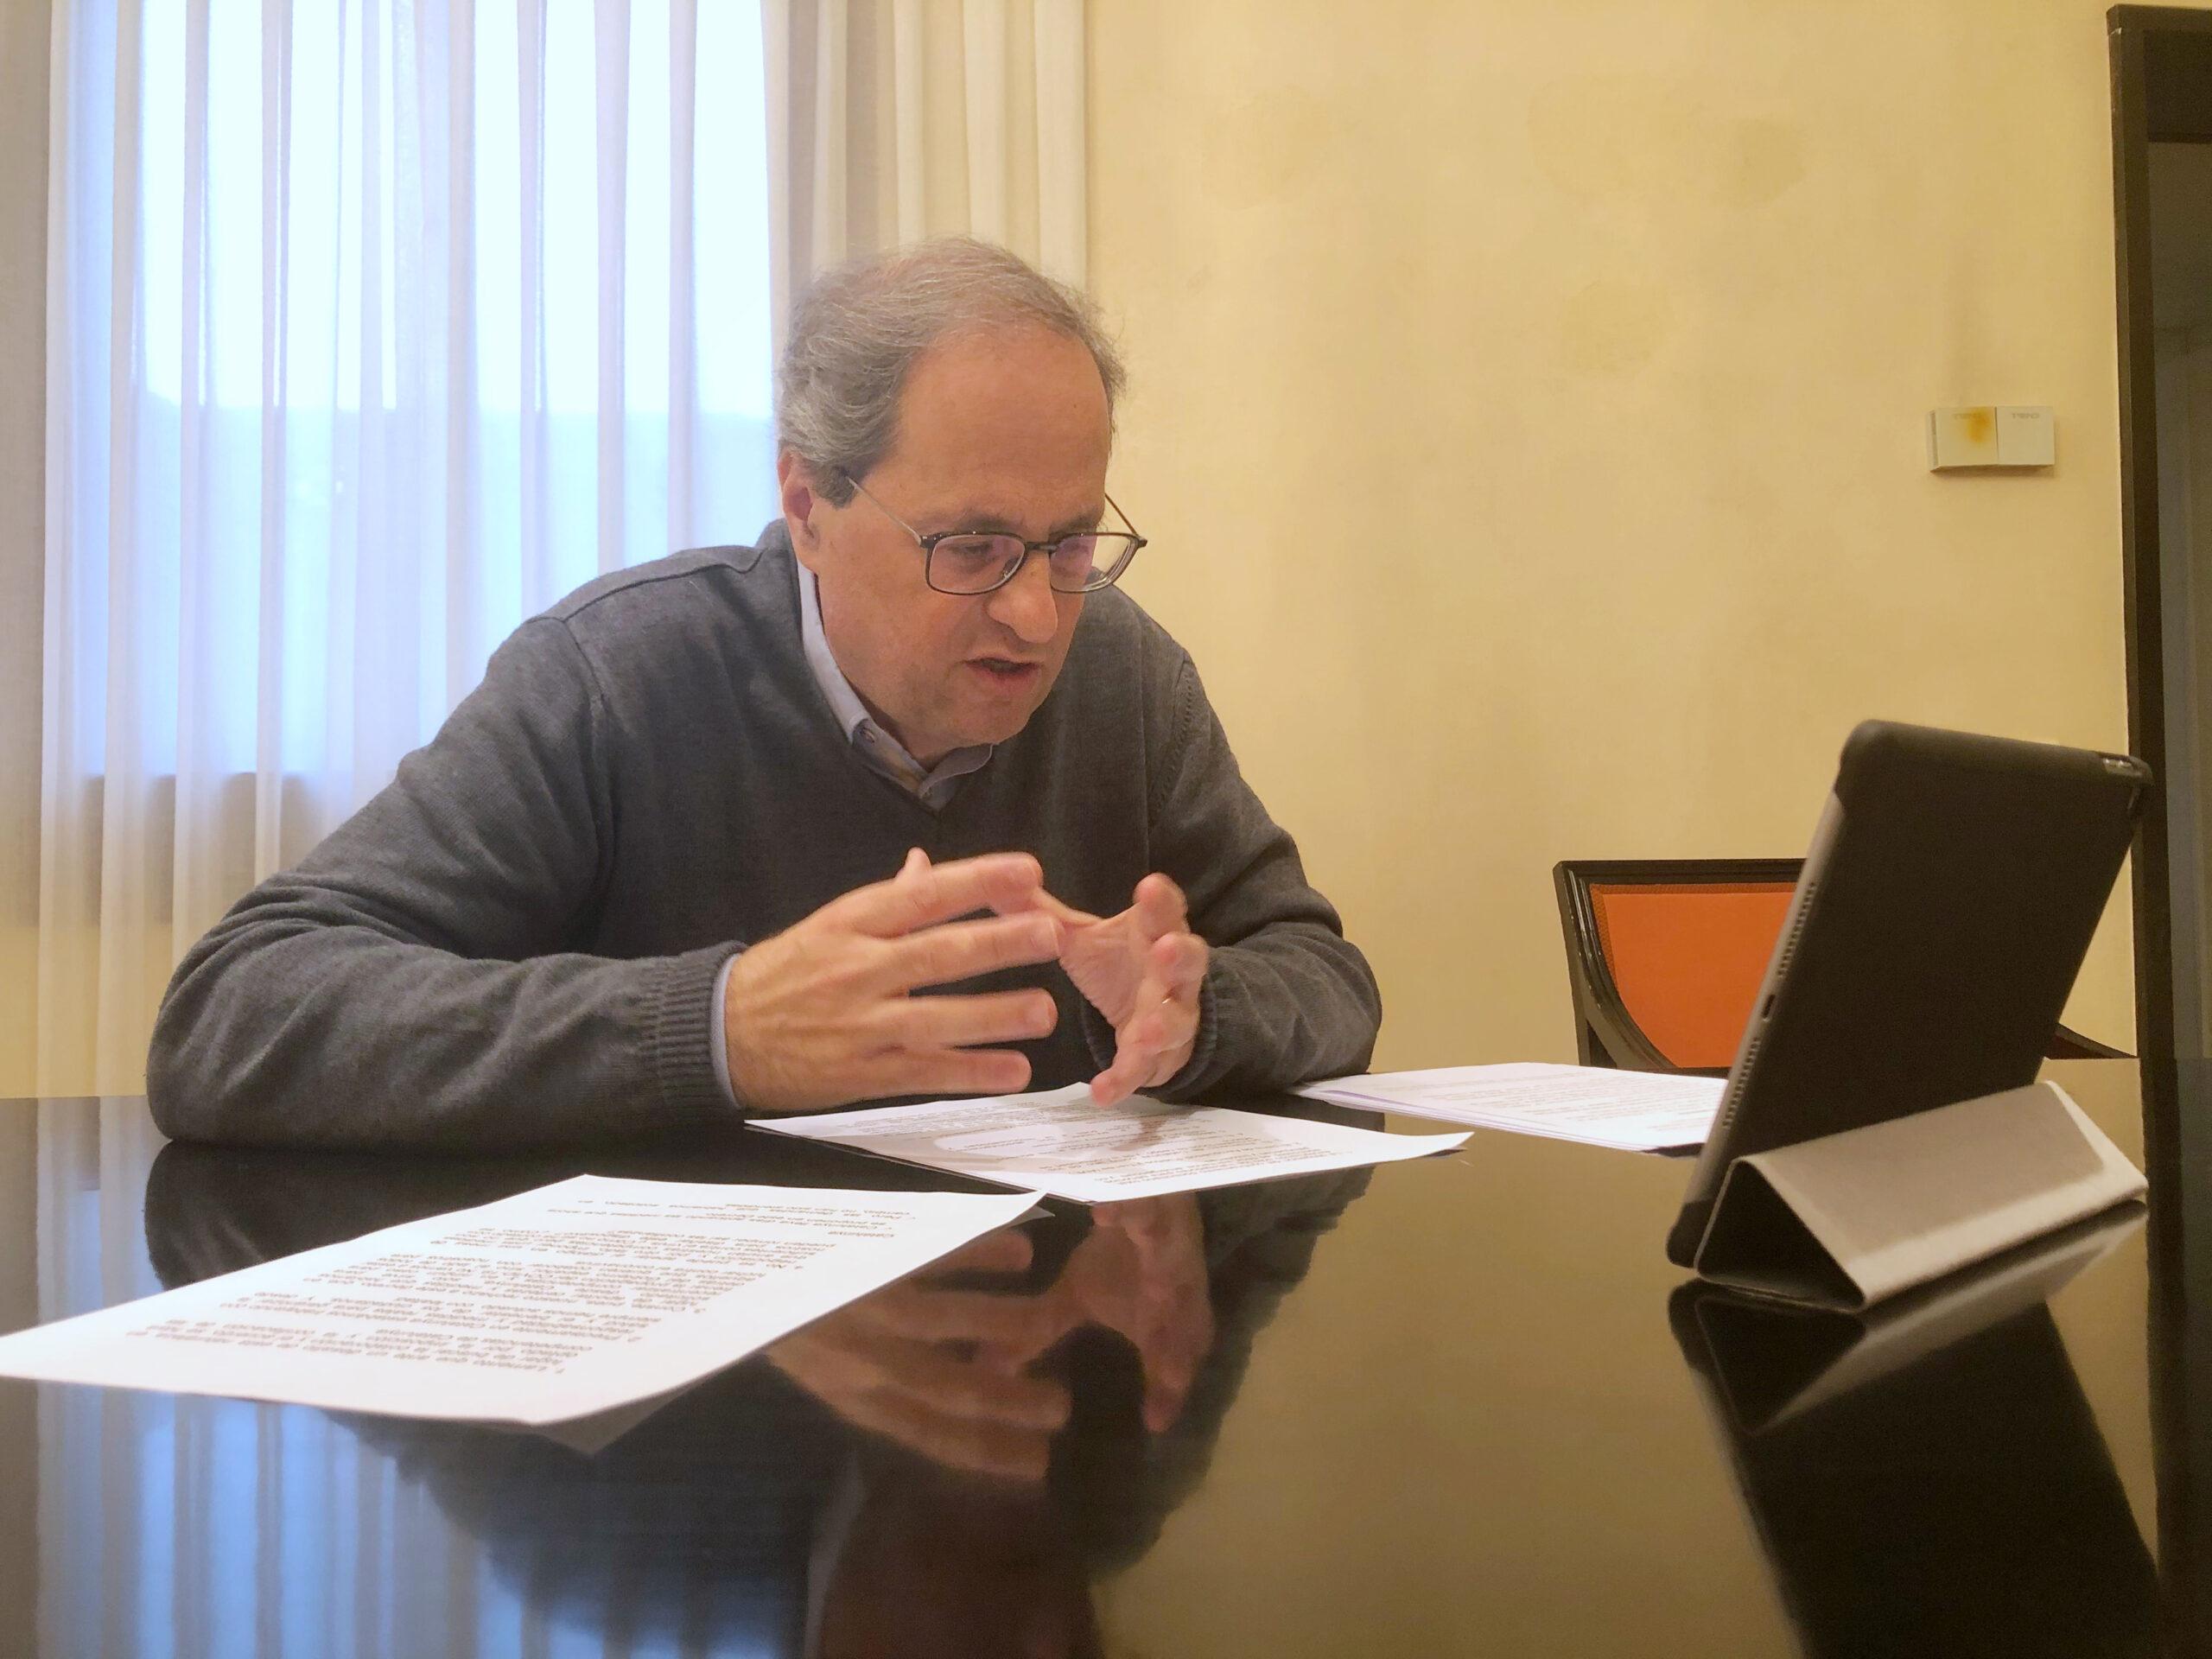 Pla mitjà del president del Govern, Quim Torra, en la reunió telemàtica amb els grups parlamentaris per analitzar l'evolució del coronavirus a Catalunya. Imatge del 16 de març del 2020. (Horitzontal)